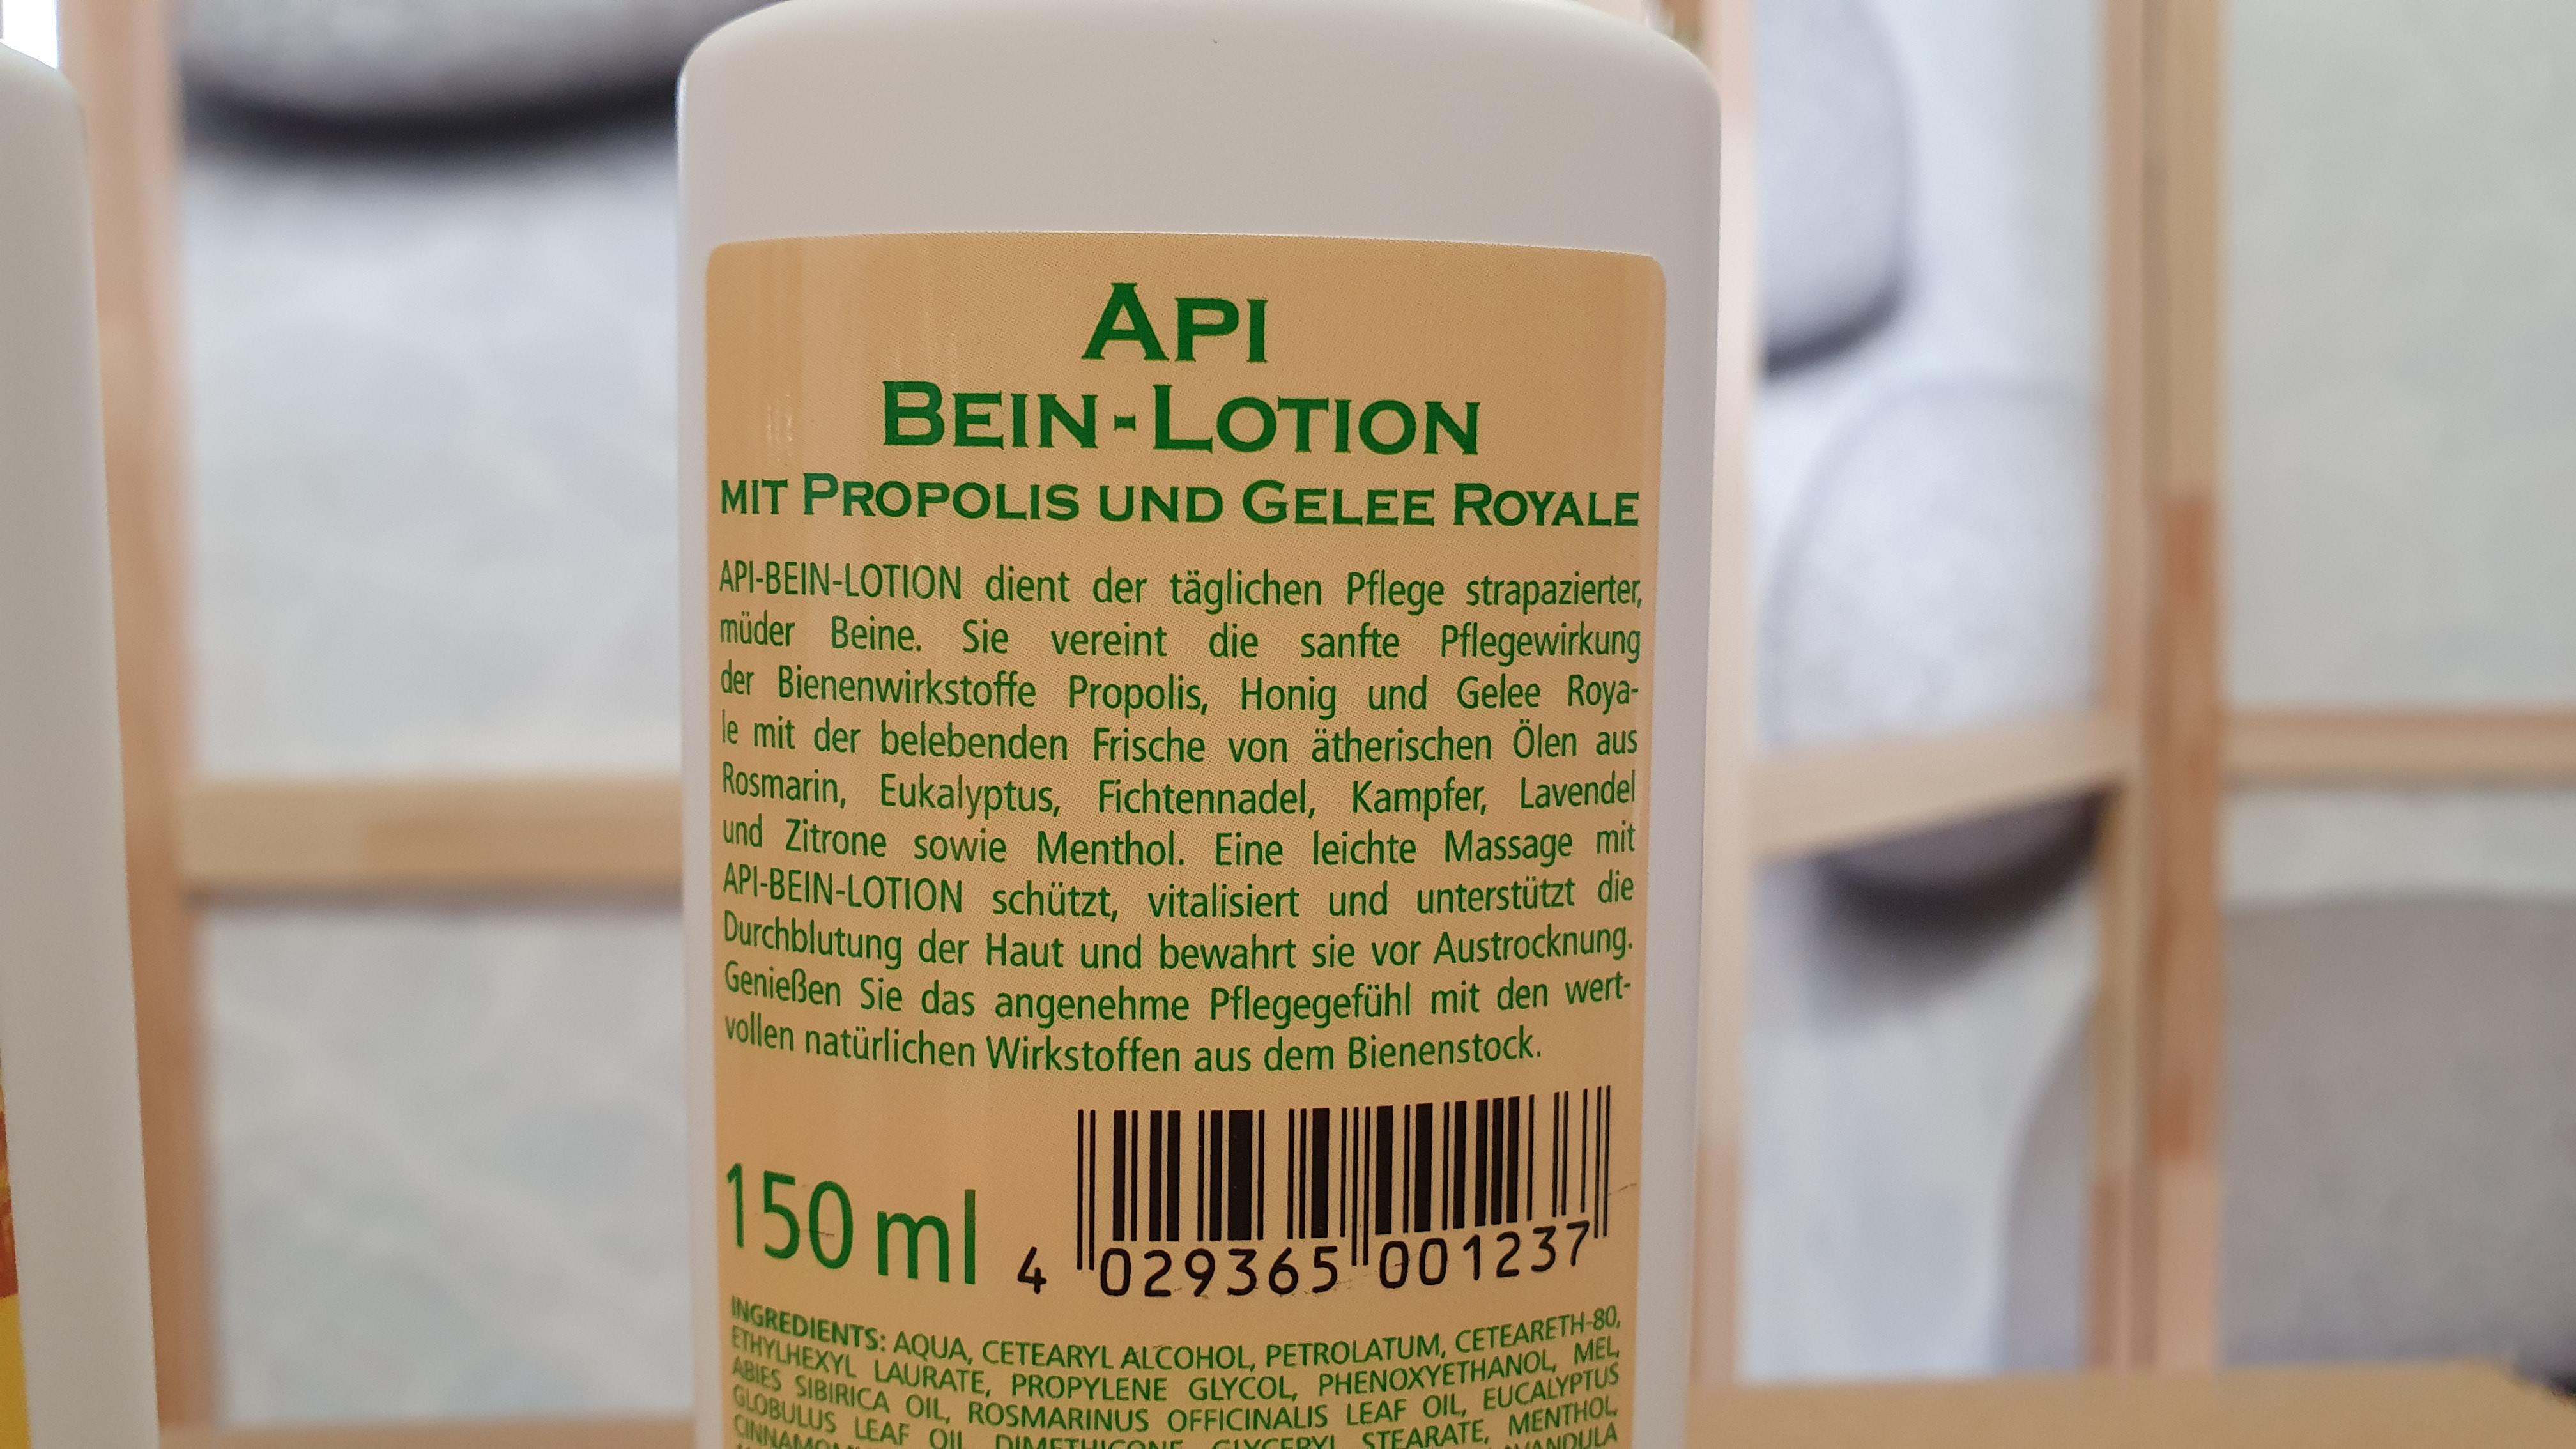 Bein-Lotion mit Propolis und Gelee Royale